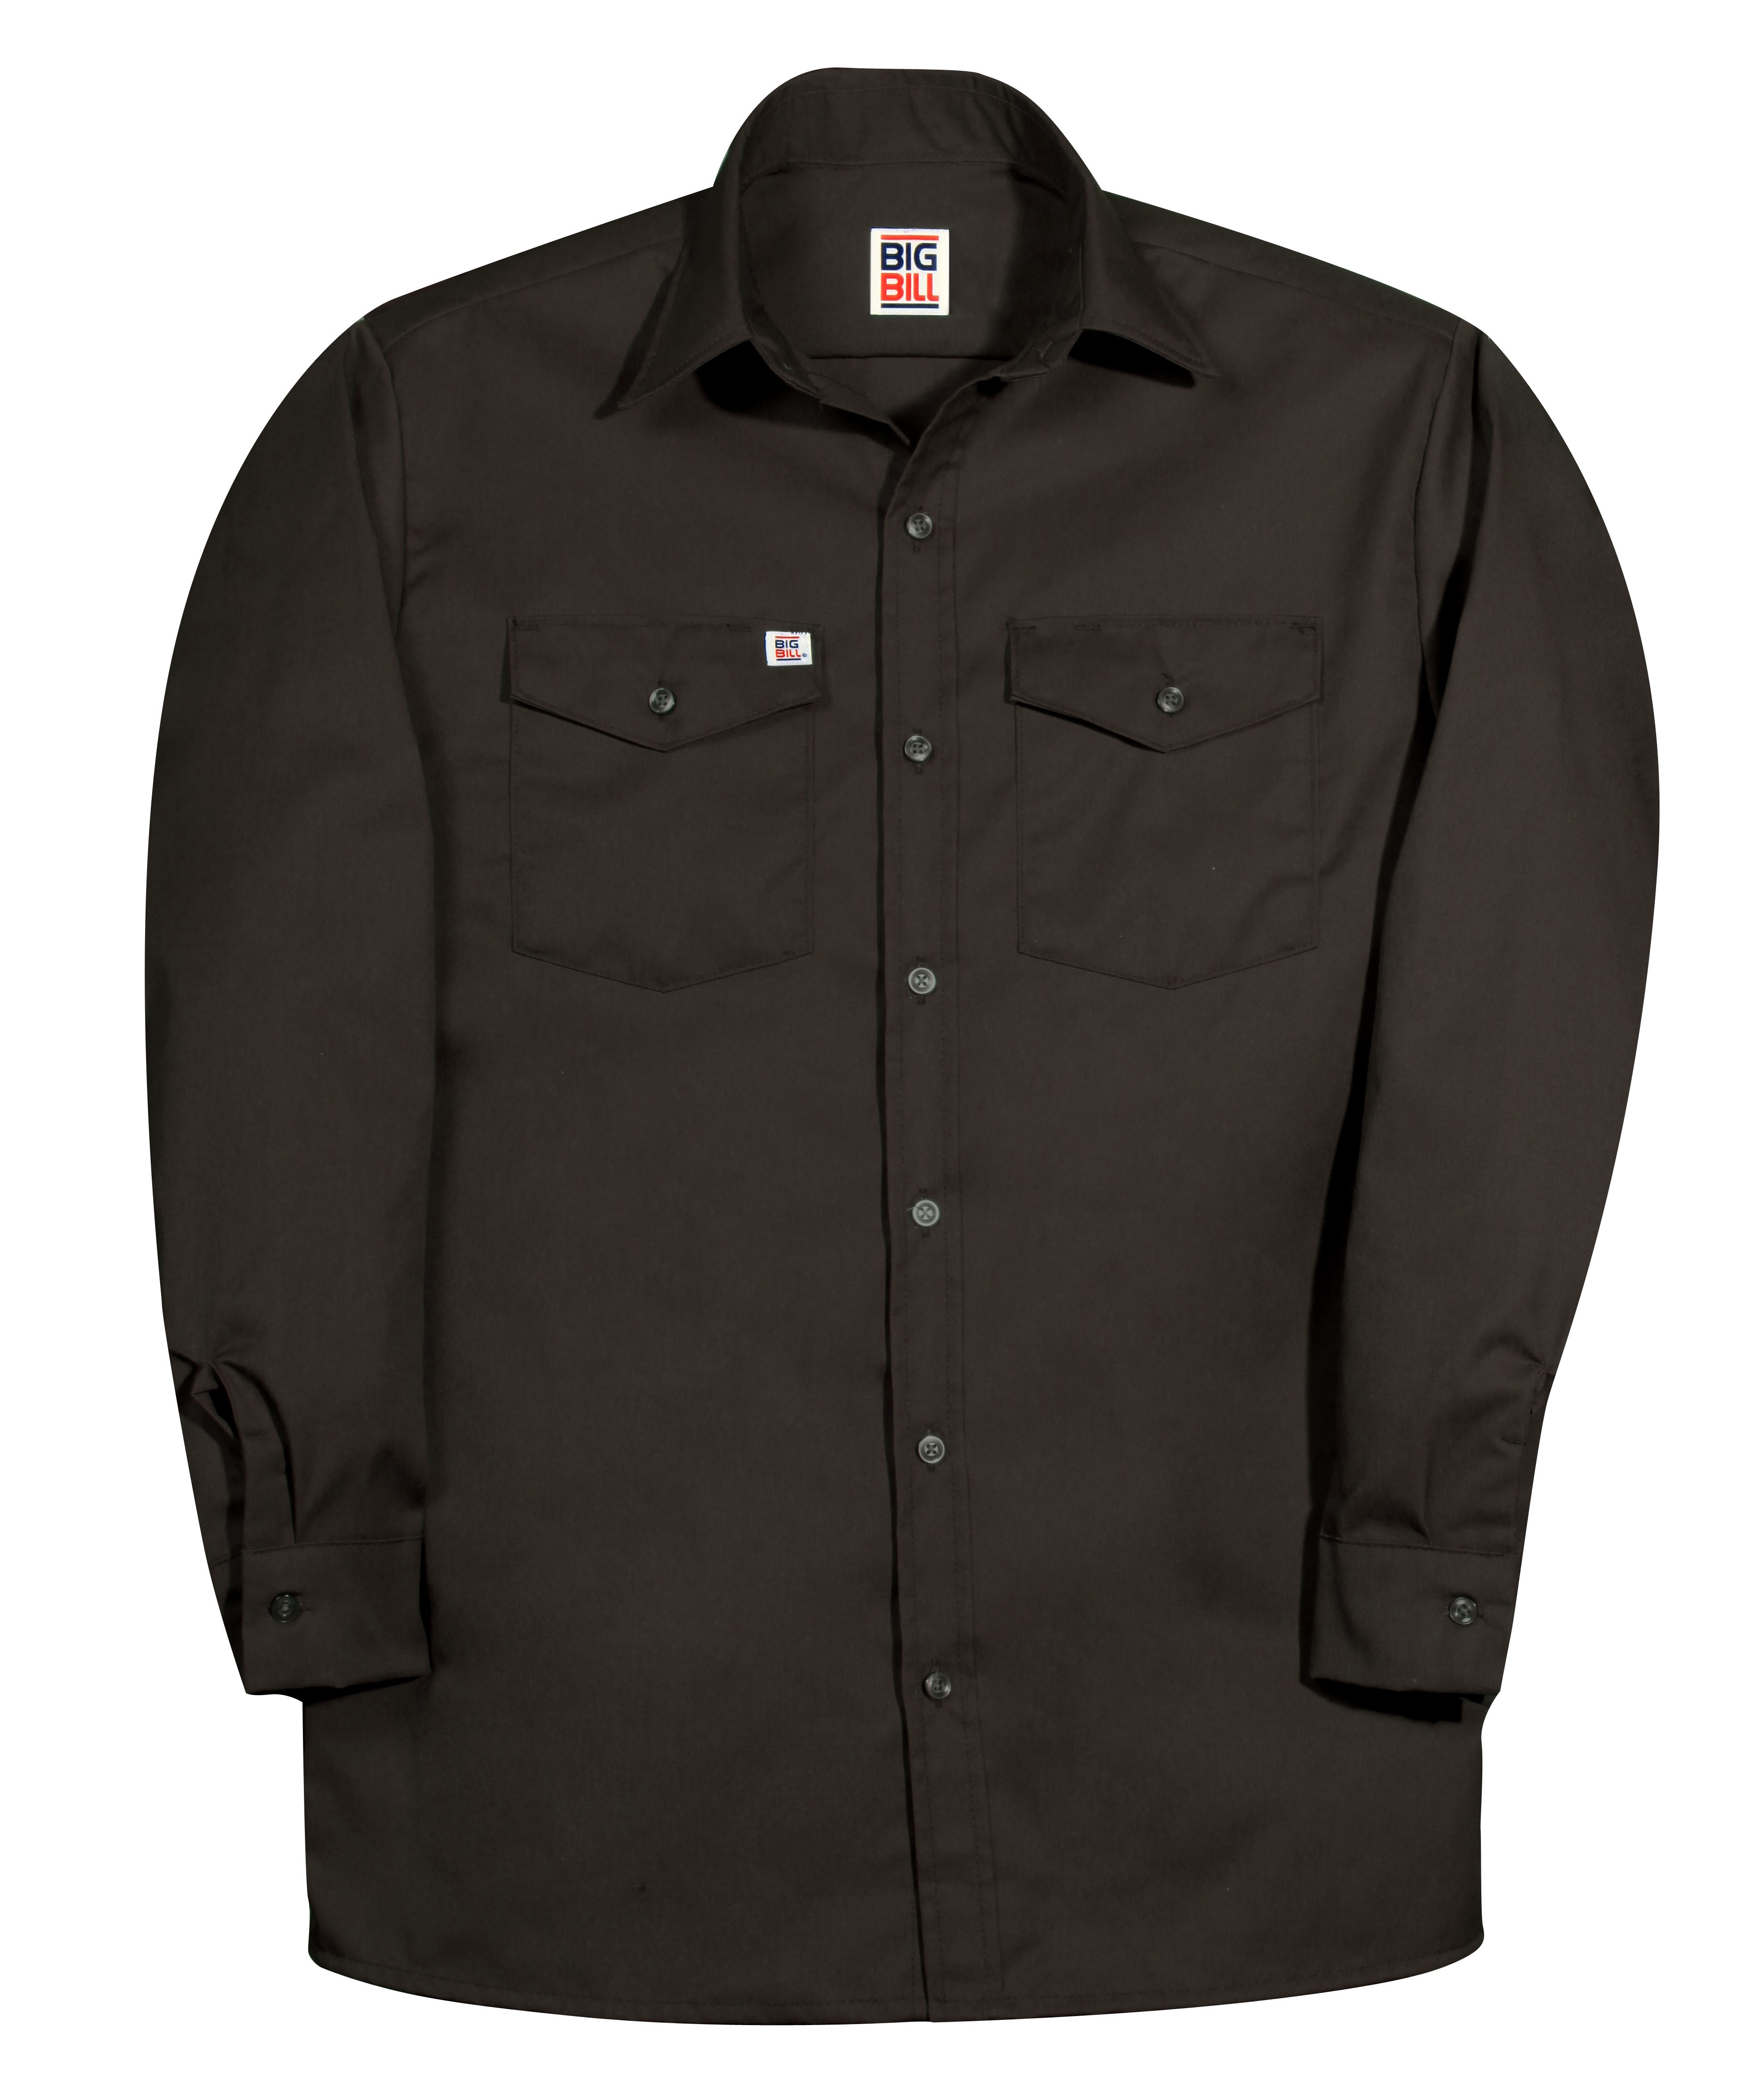 6 oz Twill Button Up Long Sleeve Work Shirt-BIG BILL